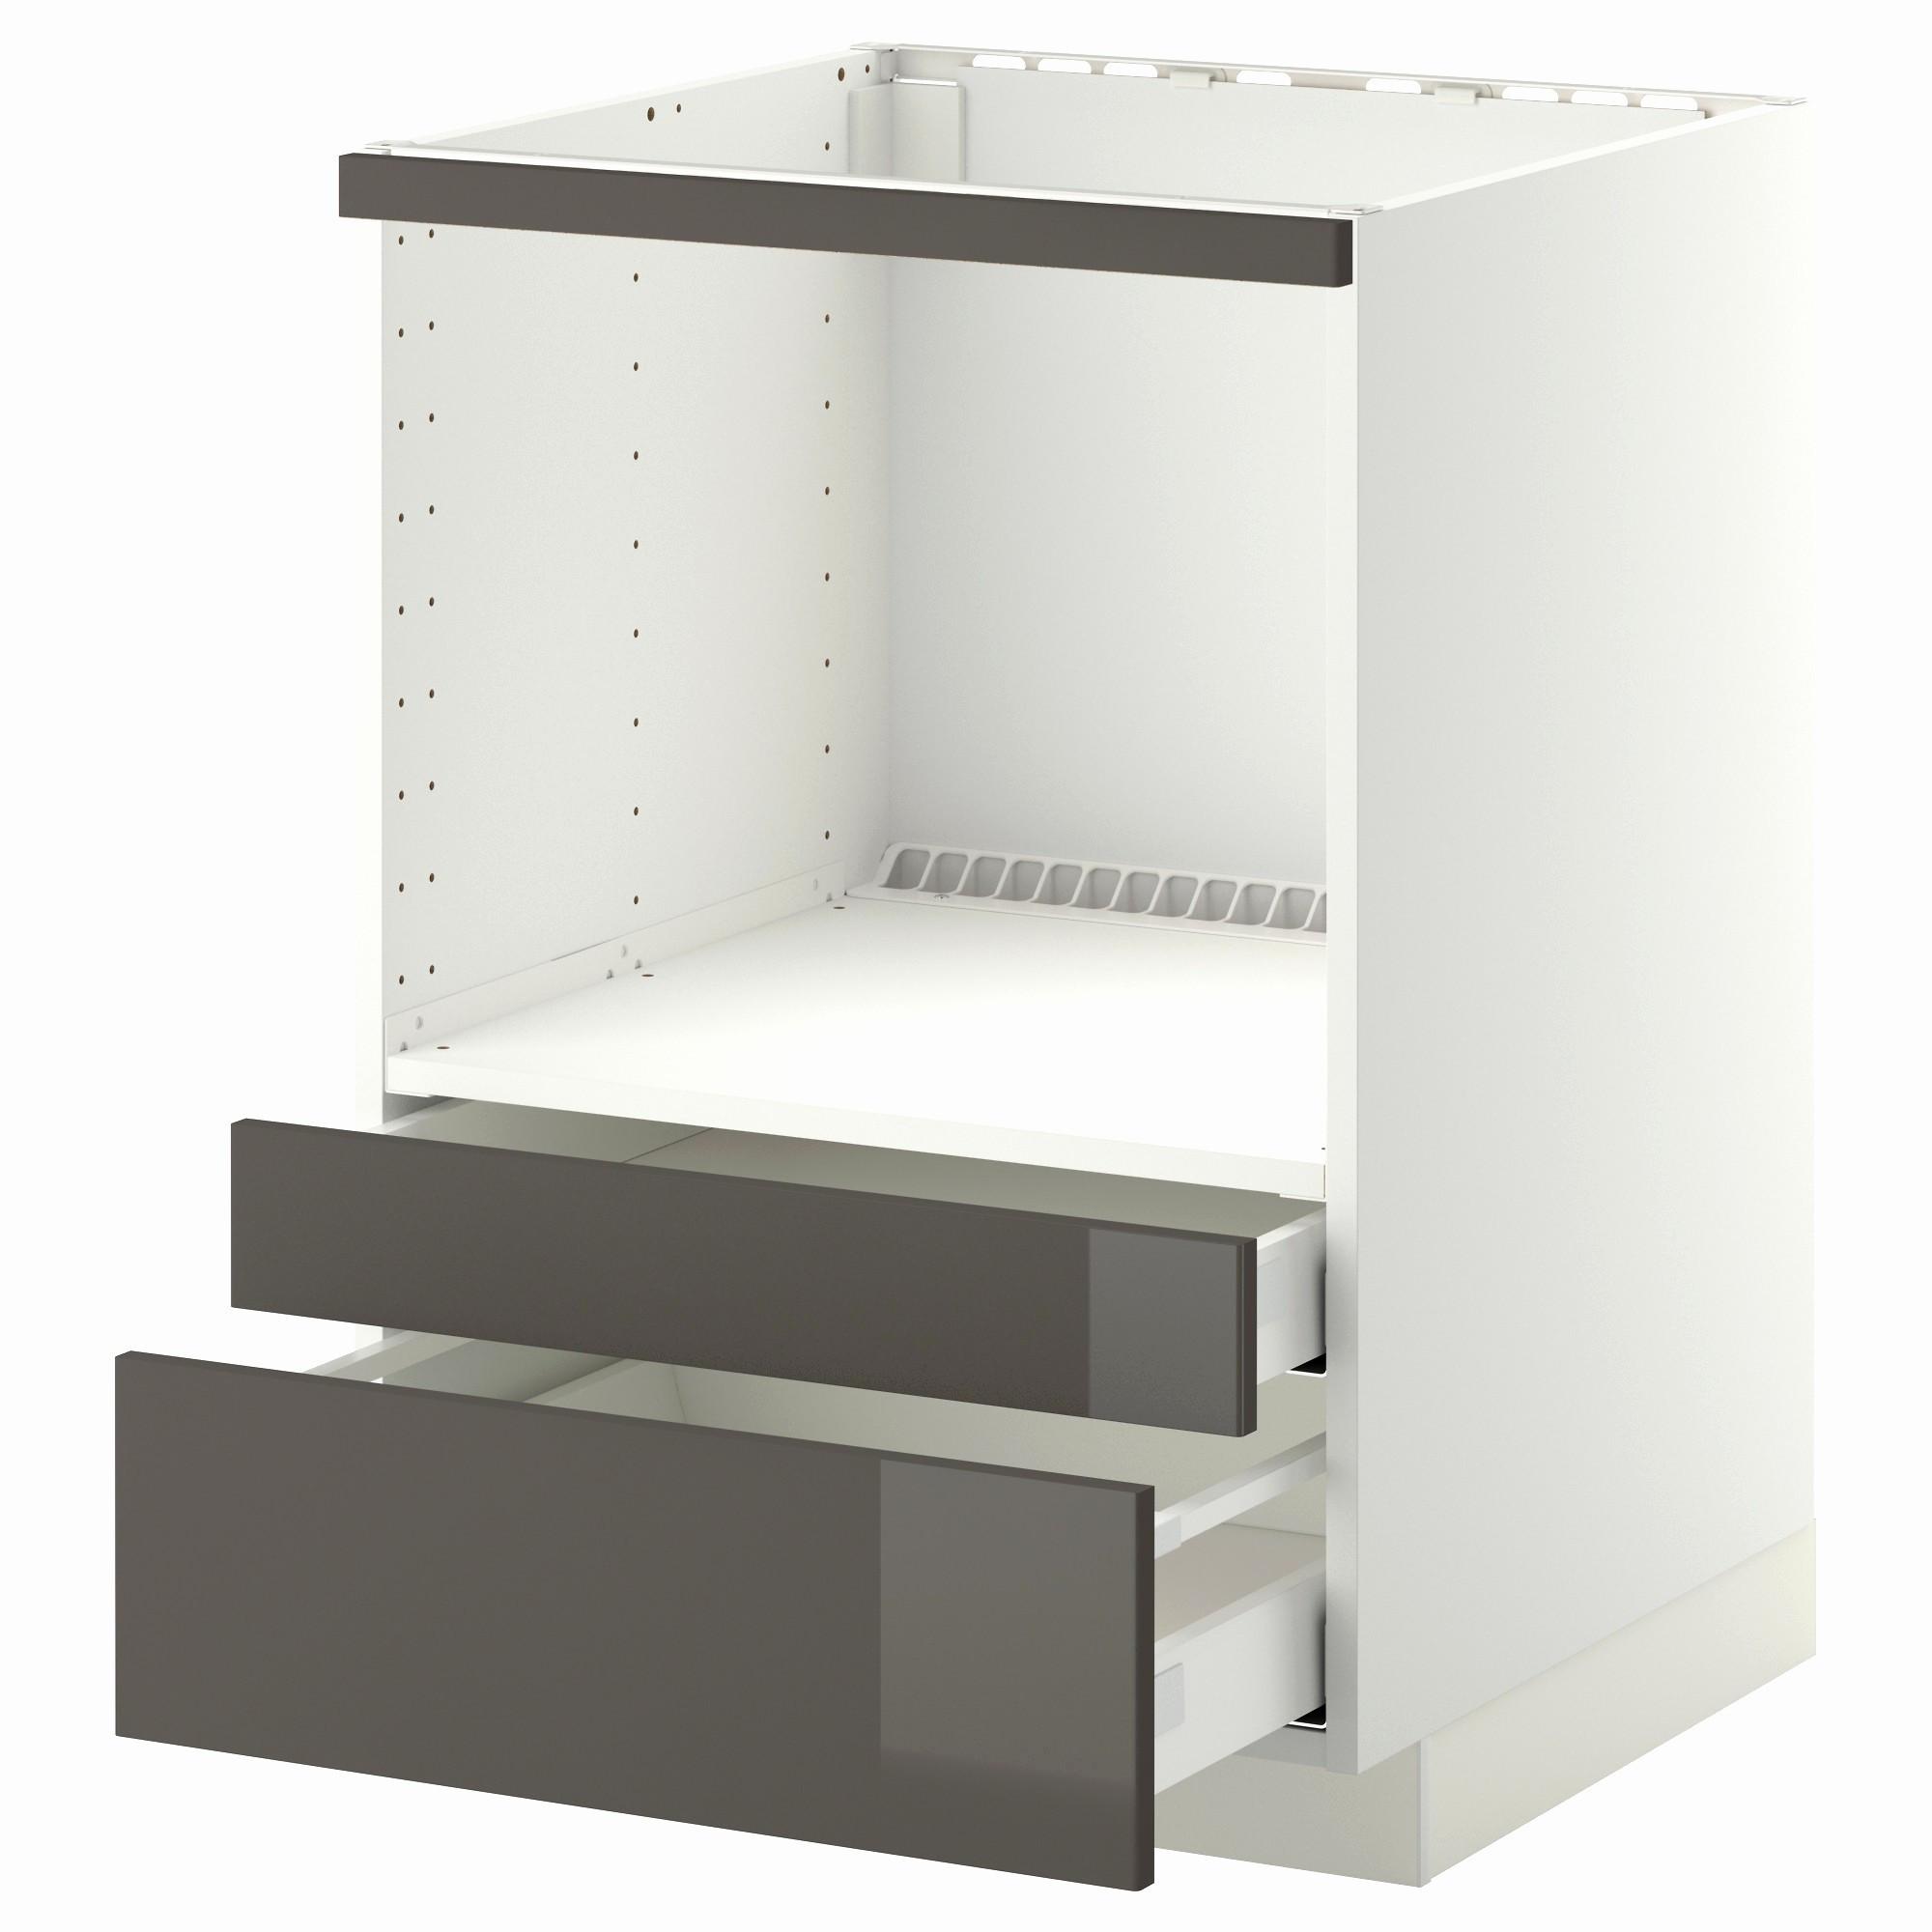 système de fixation meuble haut cuisine  tendancesdesignfr